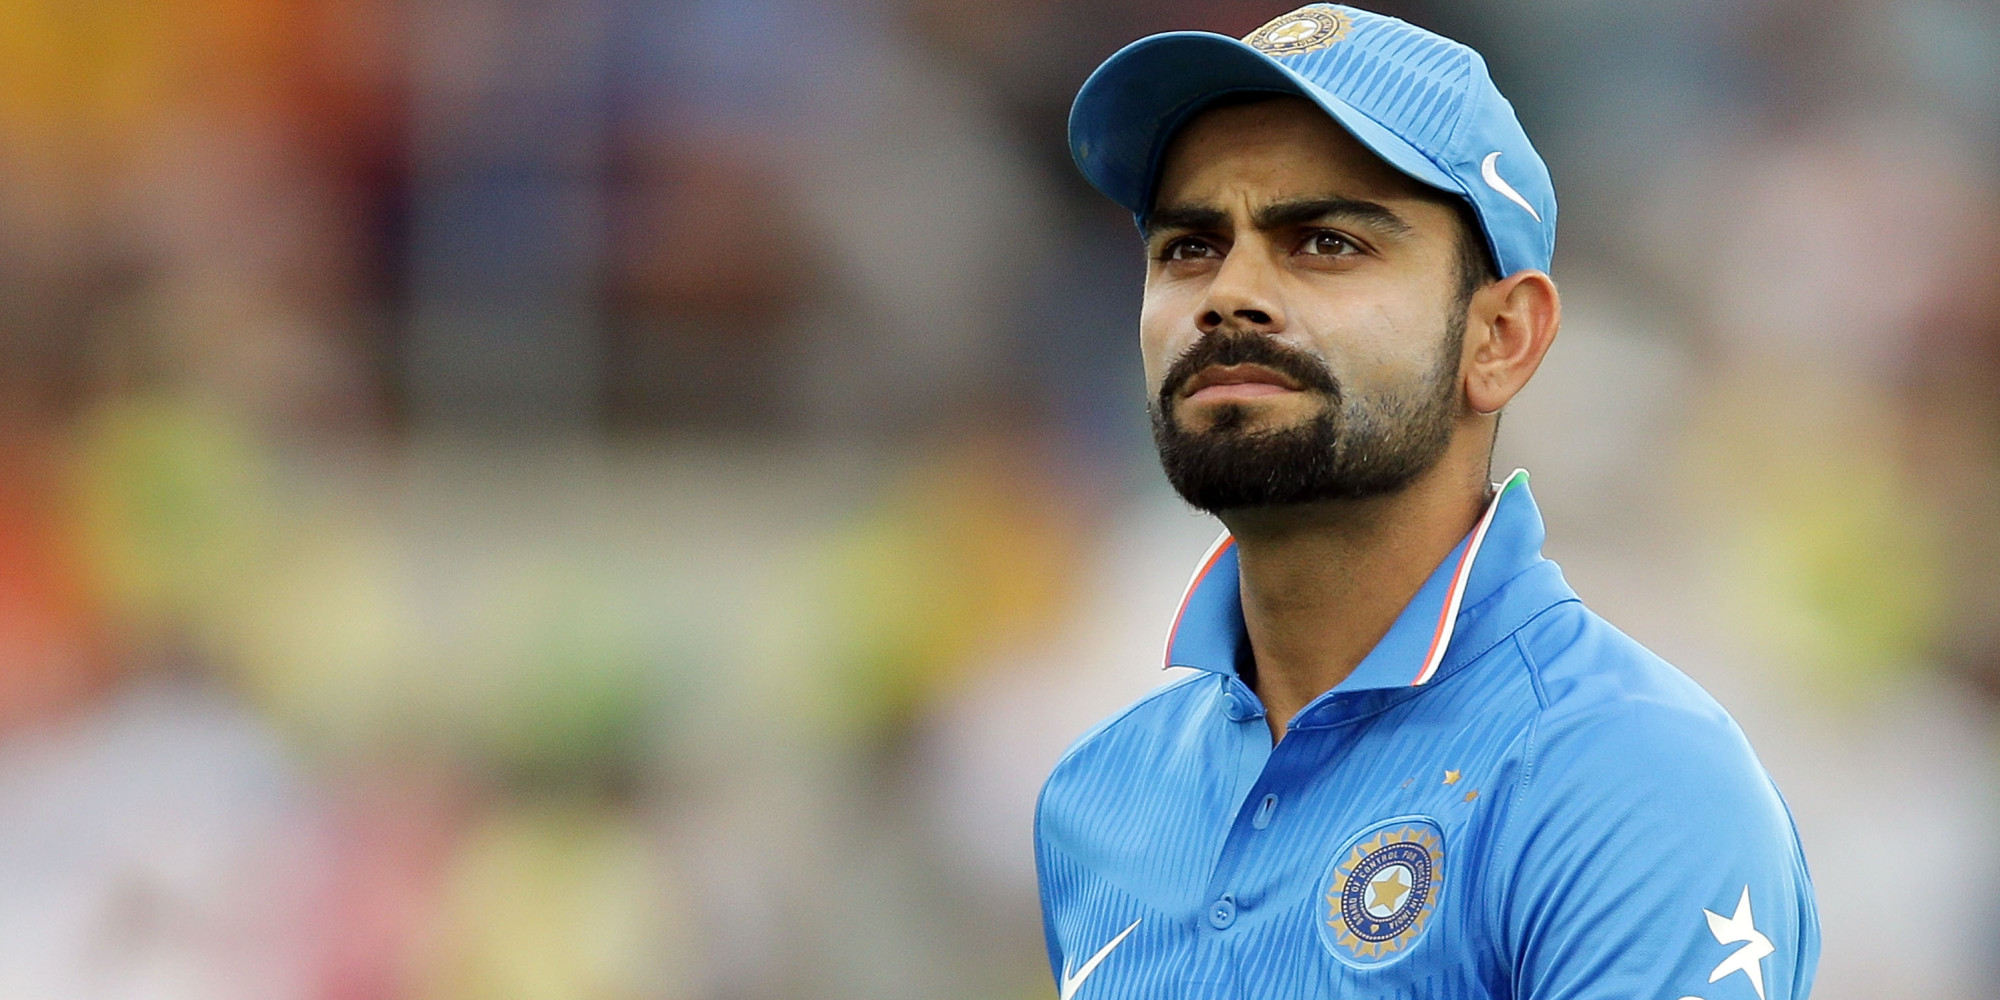 INDvsWI, दूसरा वनडे: मैन ऑफ द मैच लेते हुए विराट कोहली ने बताया वो गलती जिसकी वजह से टाई हुआ मैच